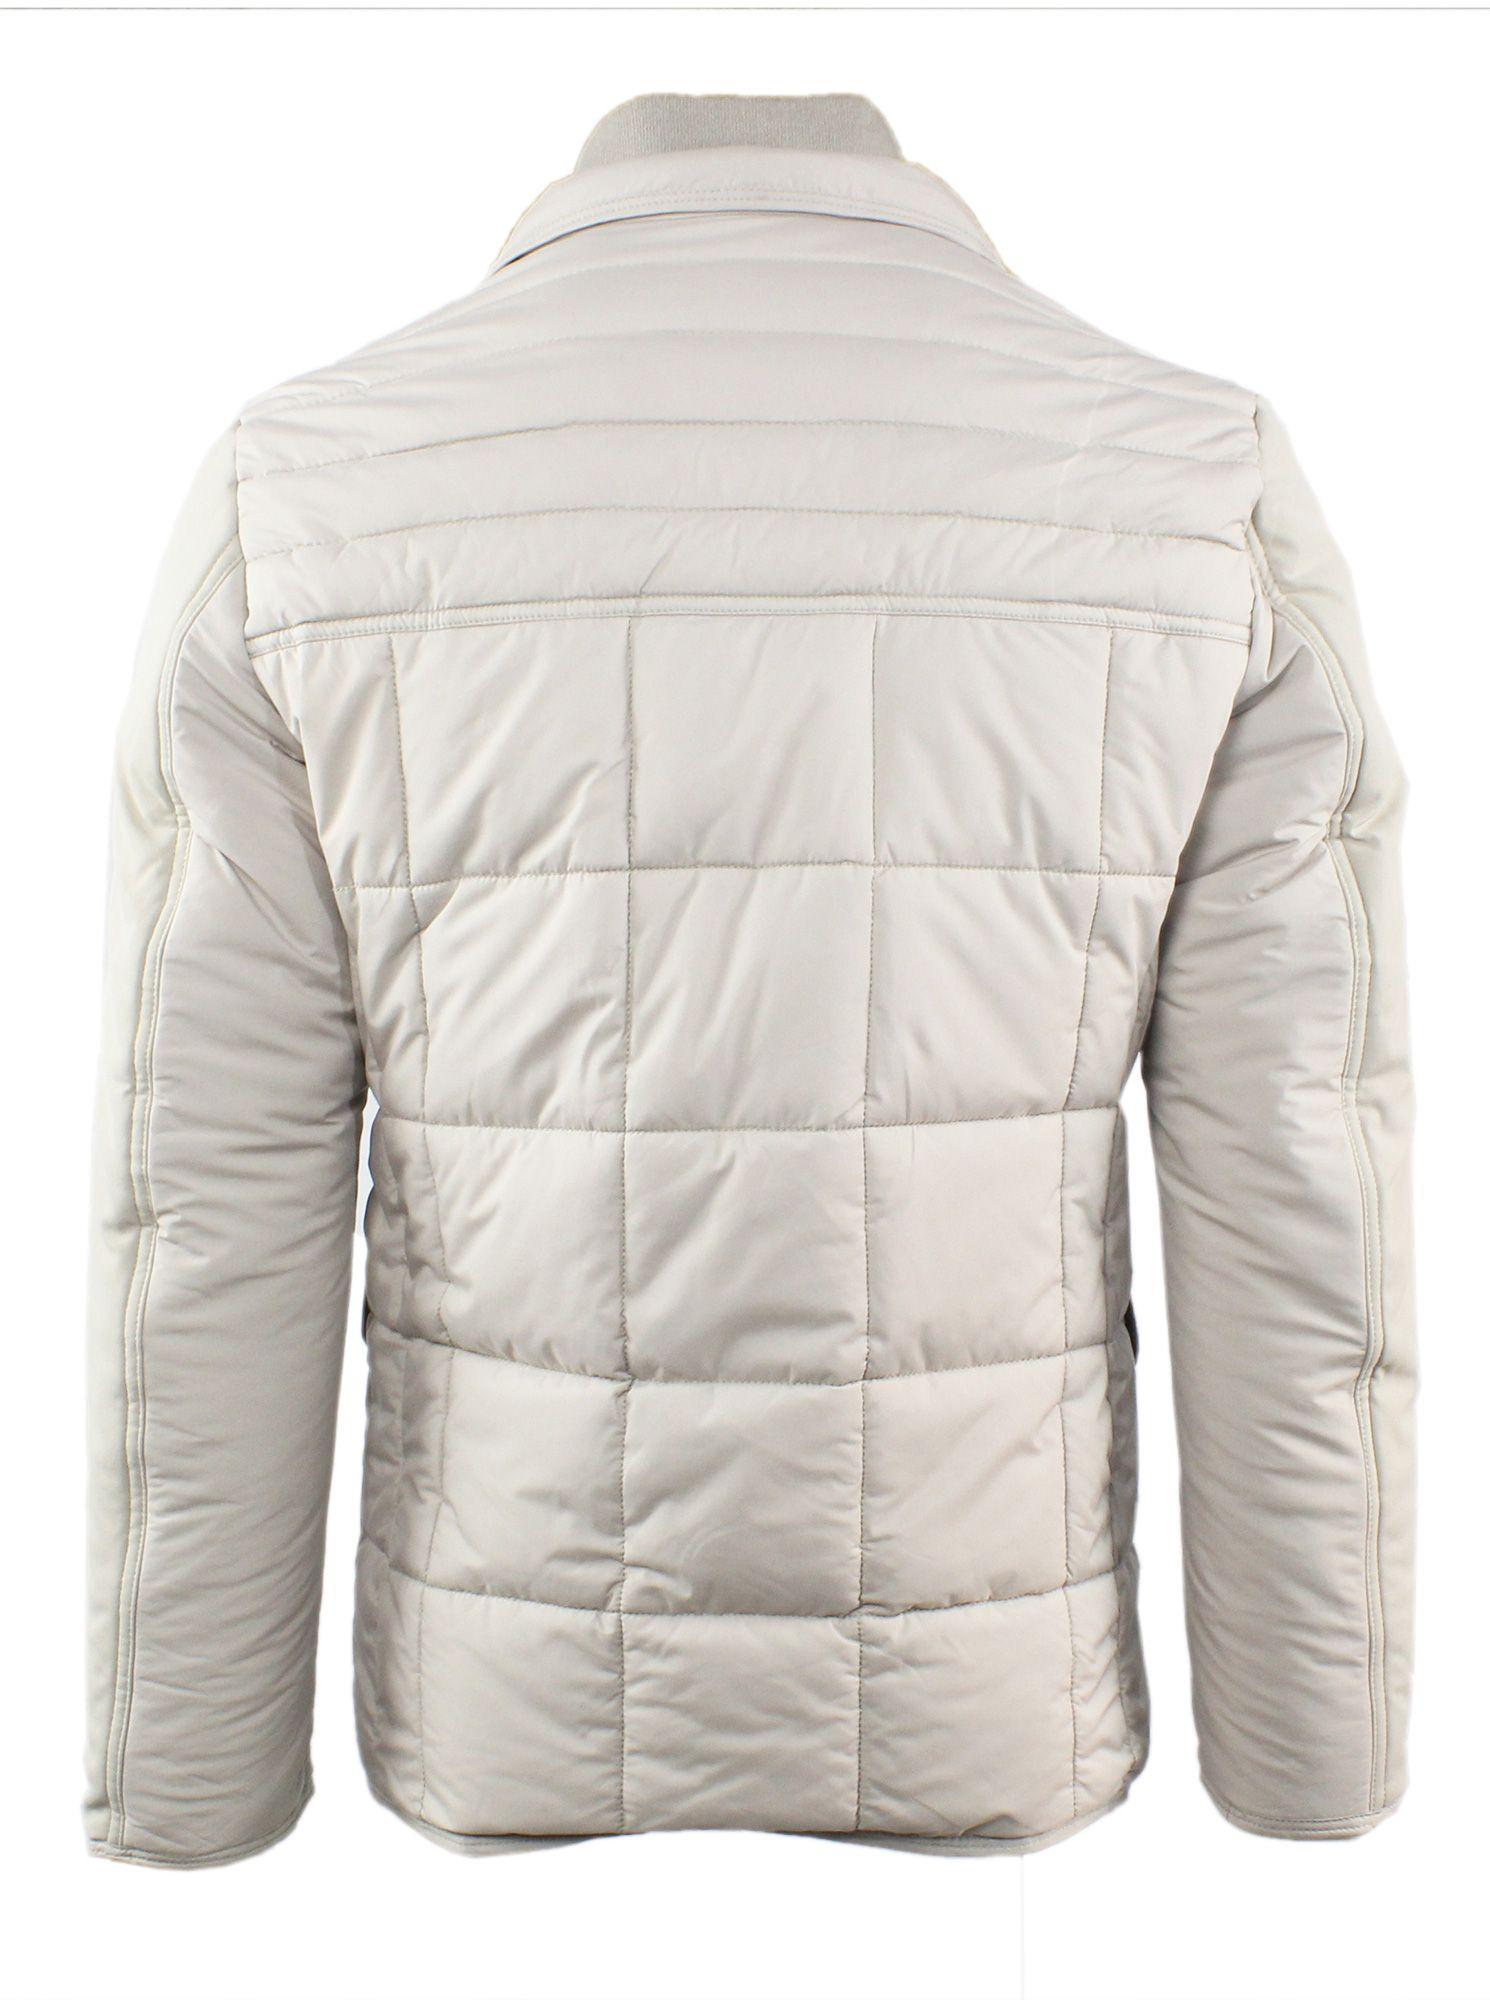 Giubbotto-Uomo-Invernale-Slim-Fit-Blu-Nero-Giacca-Elegante-Trapuntata-Cappotto miniatura 18